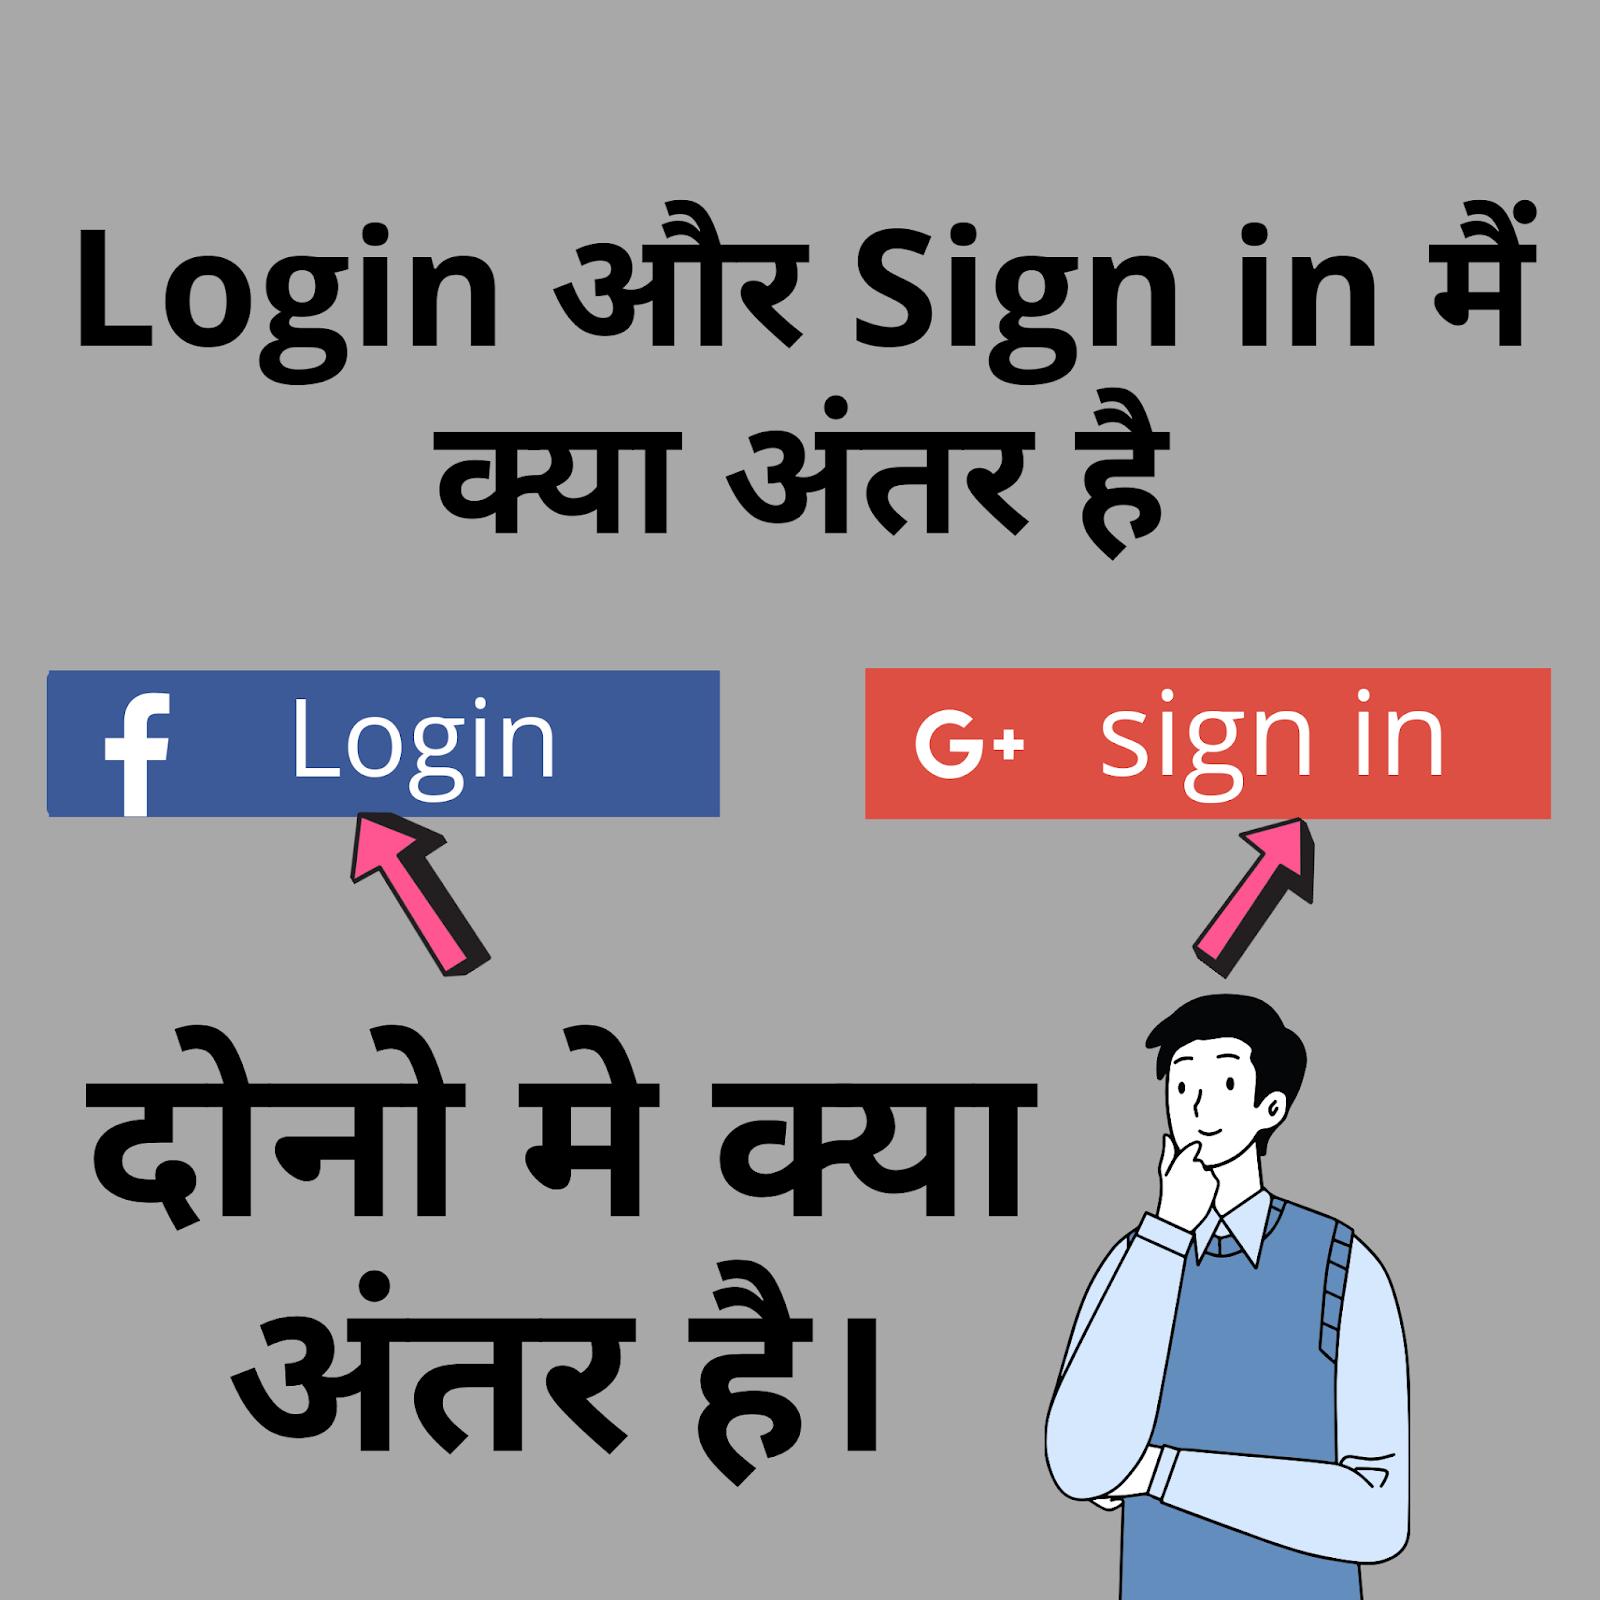 Login और Sign In मे क्या अंतर है